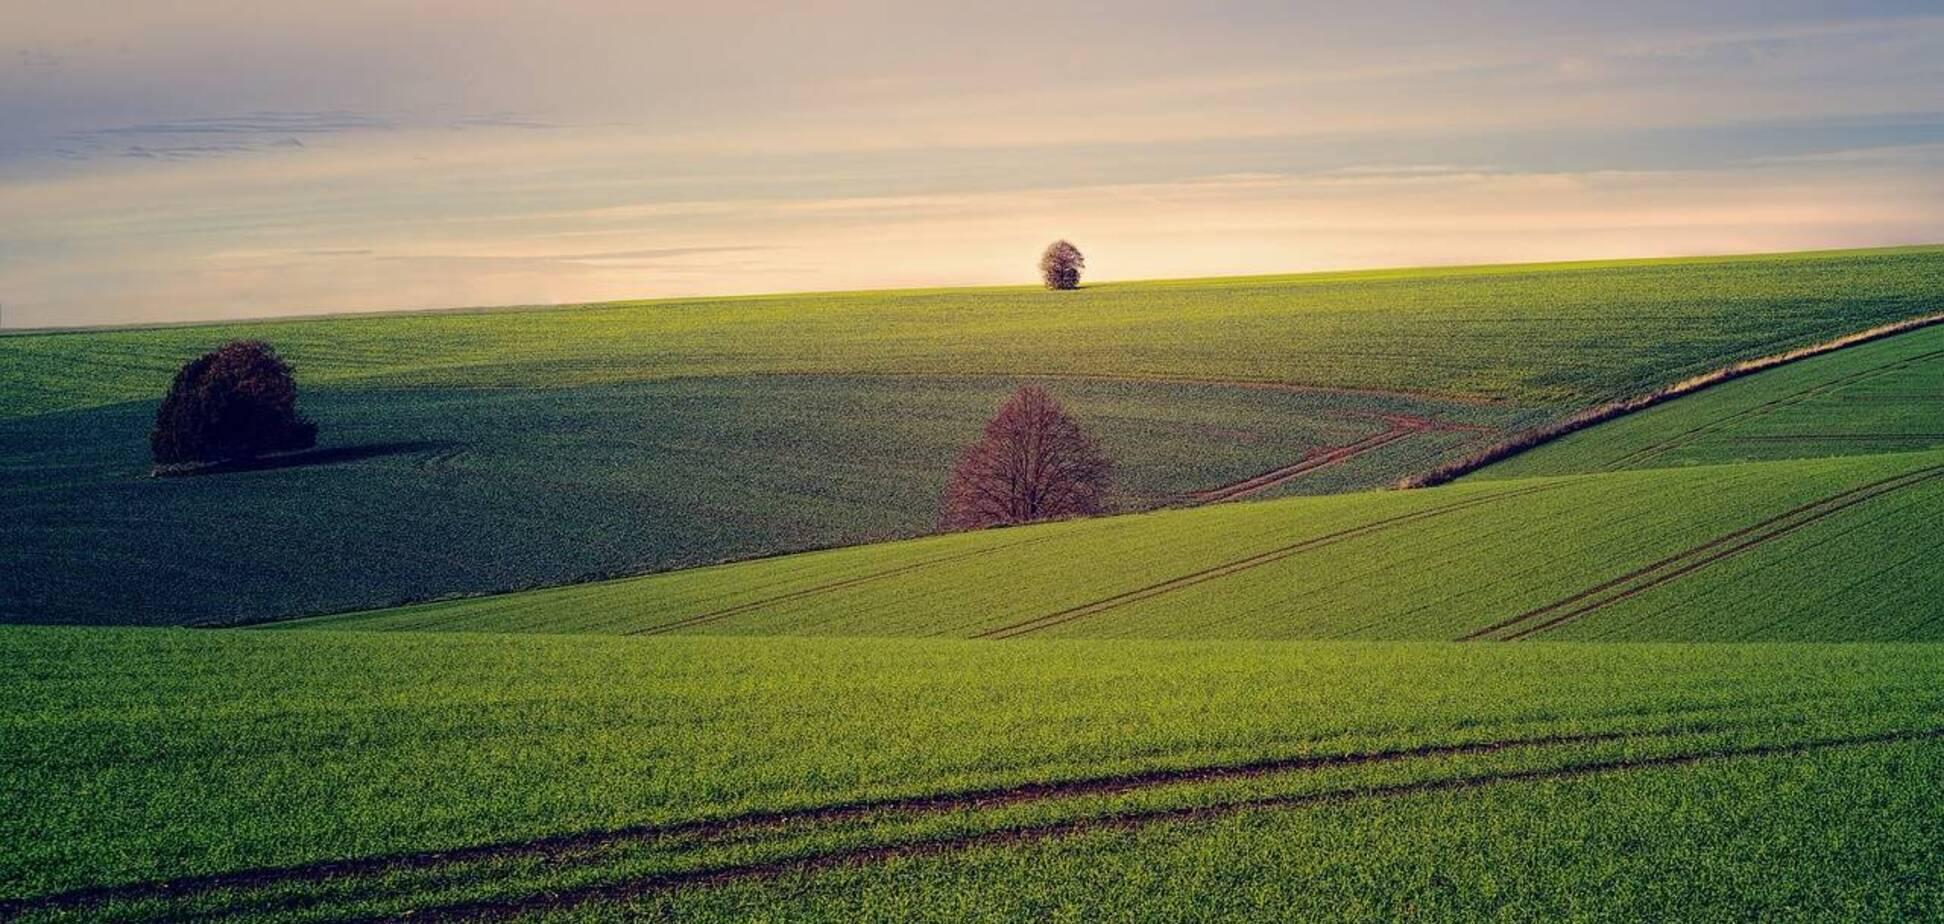 Рынок земли в Украине откроют с большими ограничениями – Госгеокадастр